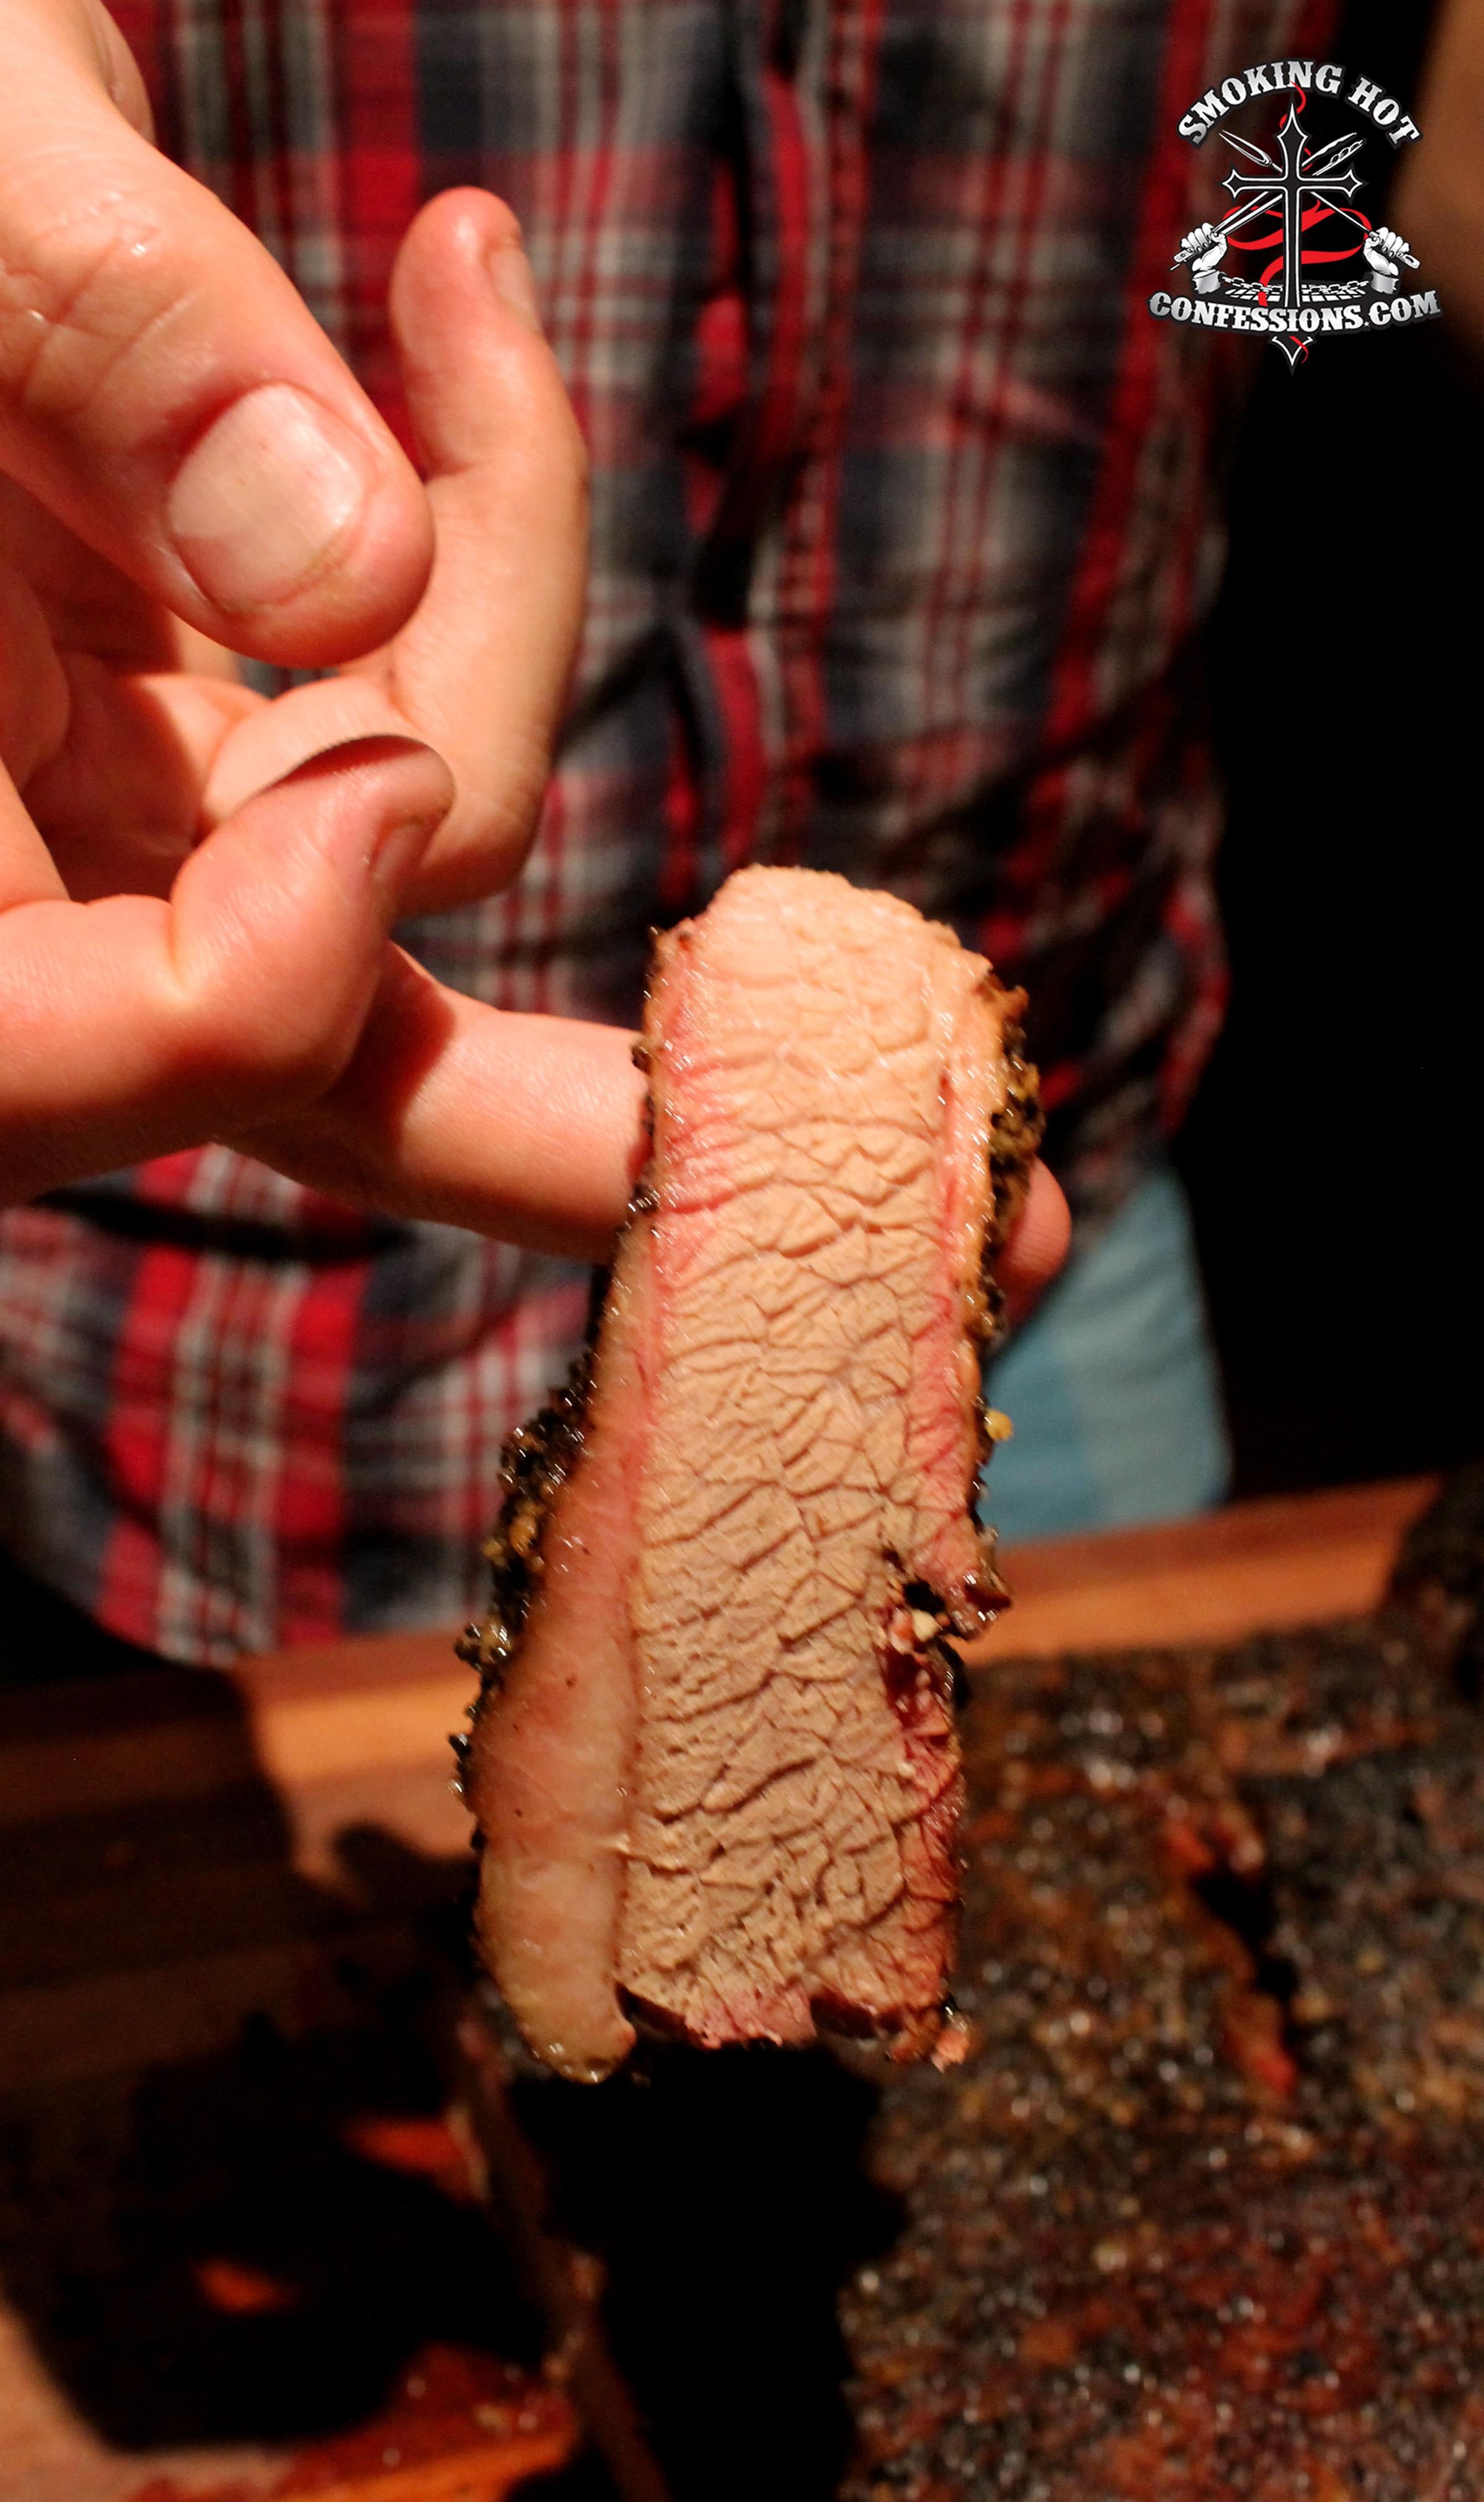 Texan Brisket Passover Recipe 13